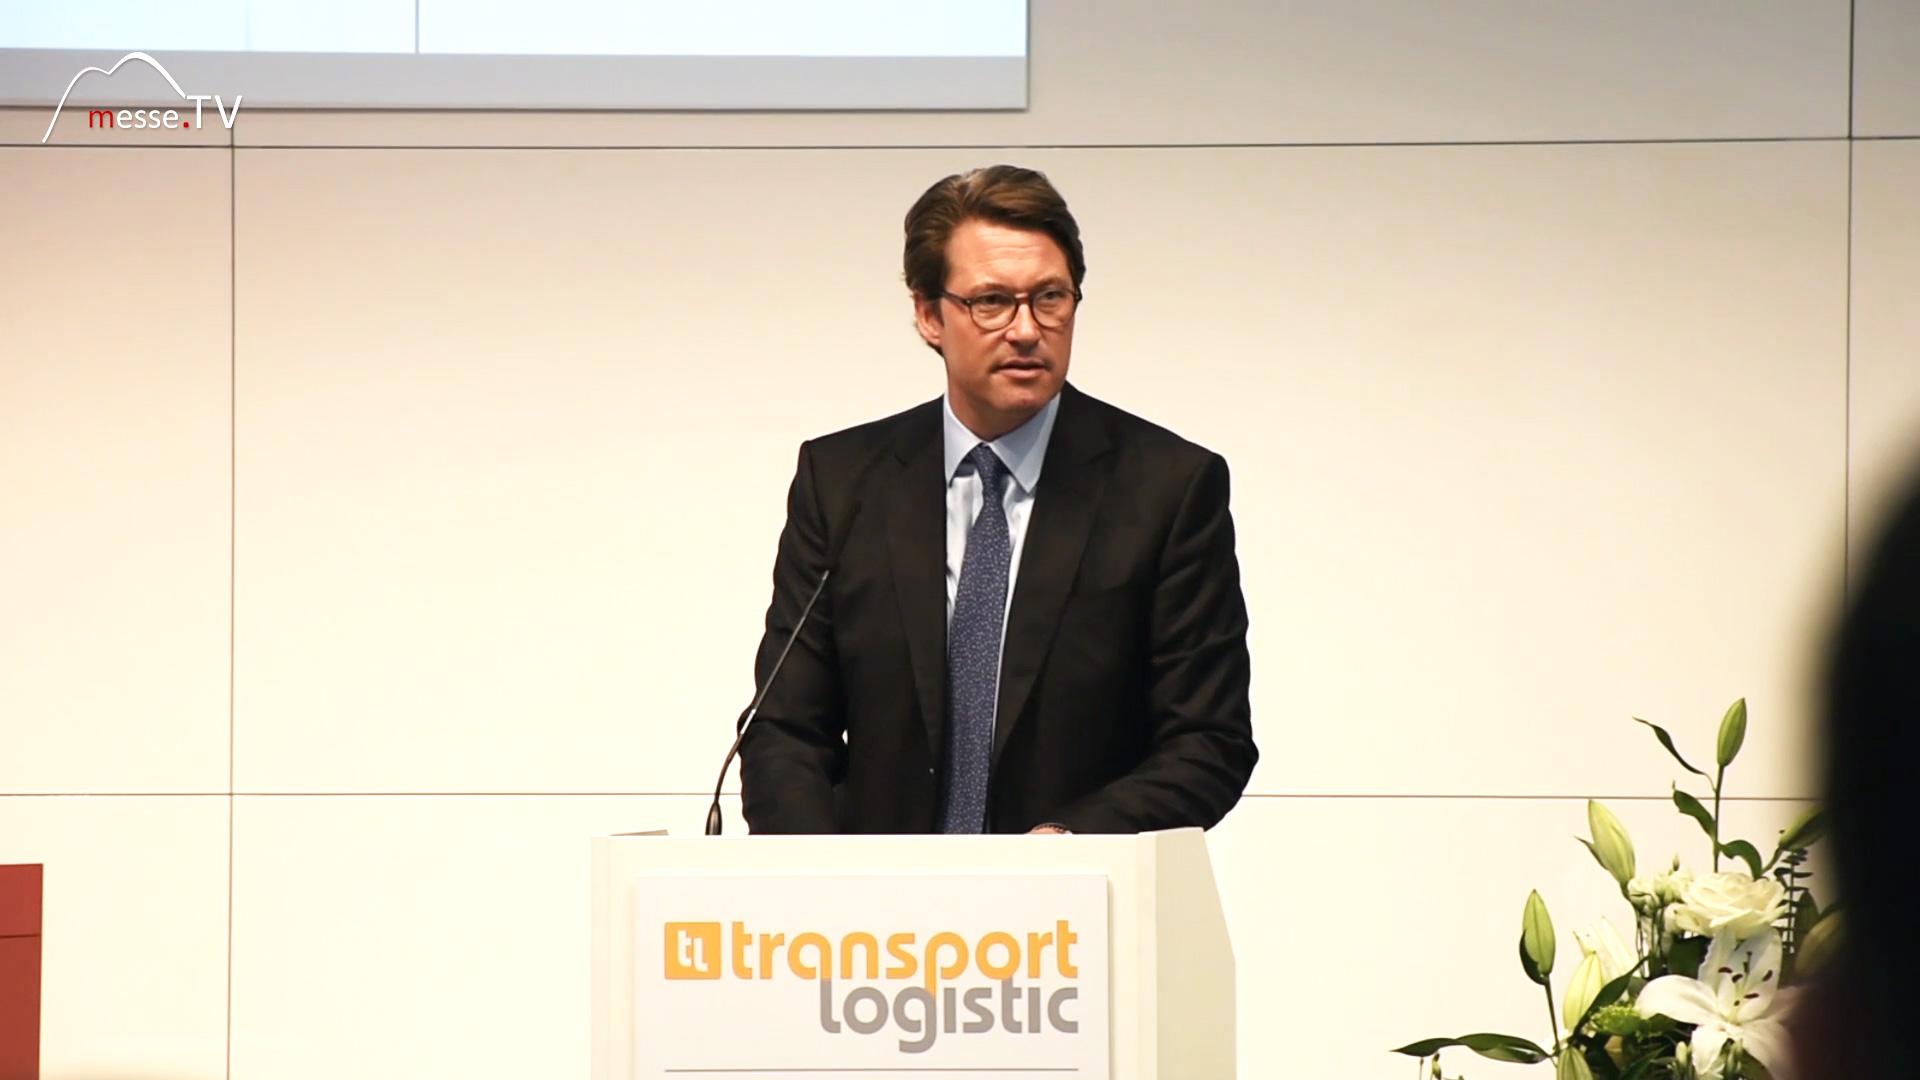 Verkehrsminister Andreas Scheuer - transport logistic 2019